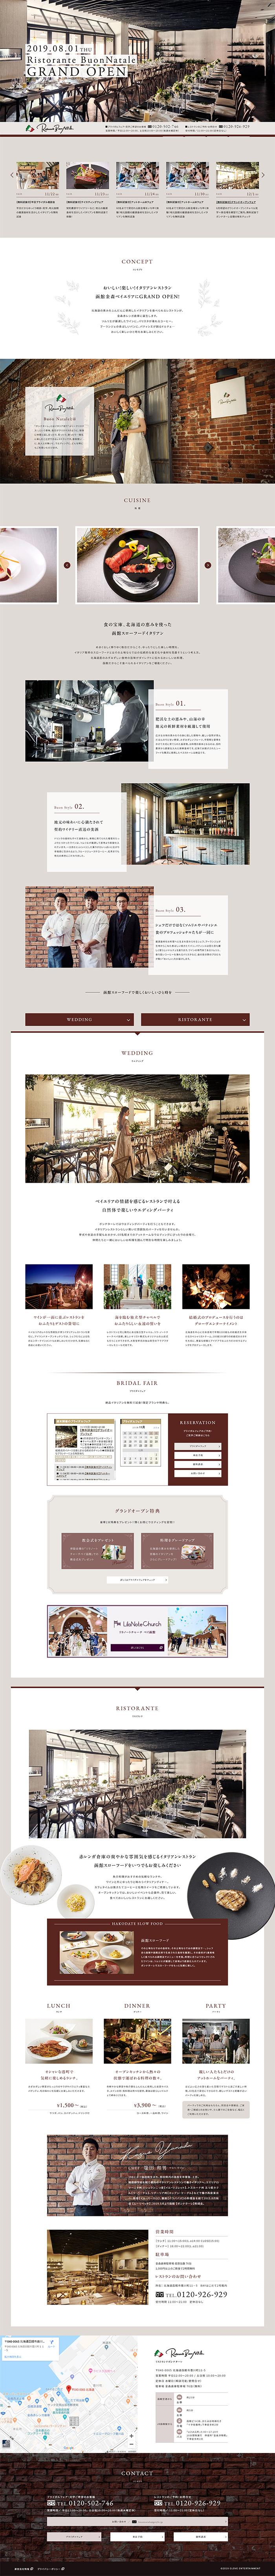 【公式】リストランテ ボンナターレ   函館金森のレストラン・結婚式